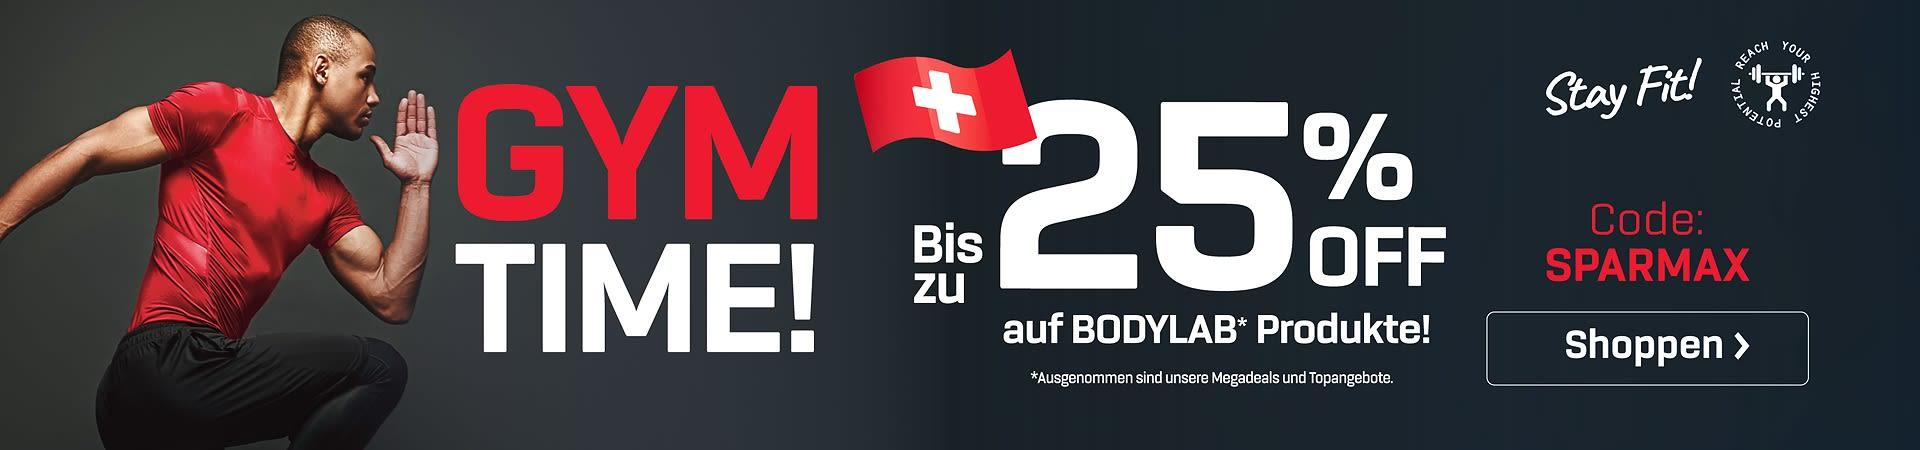 schwarzer Hintergrund, schweizer Flagge, Sportler in rotem T-Shirt und Verweis auf das Angebot